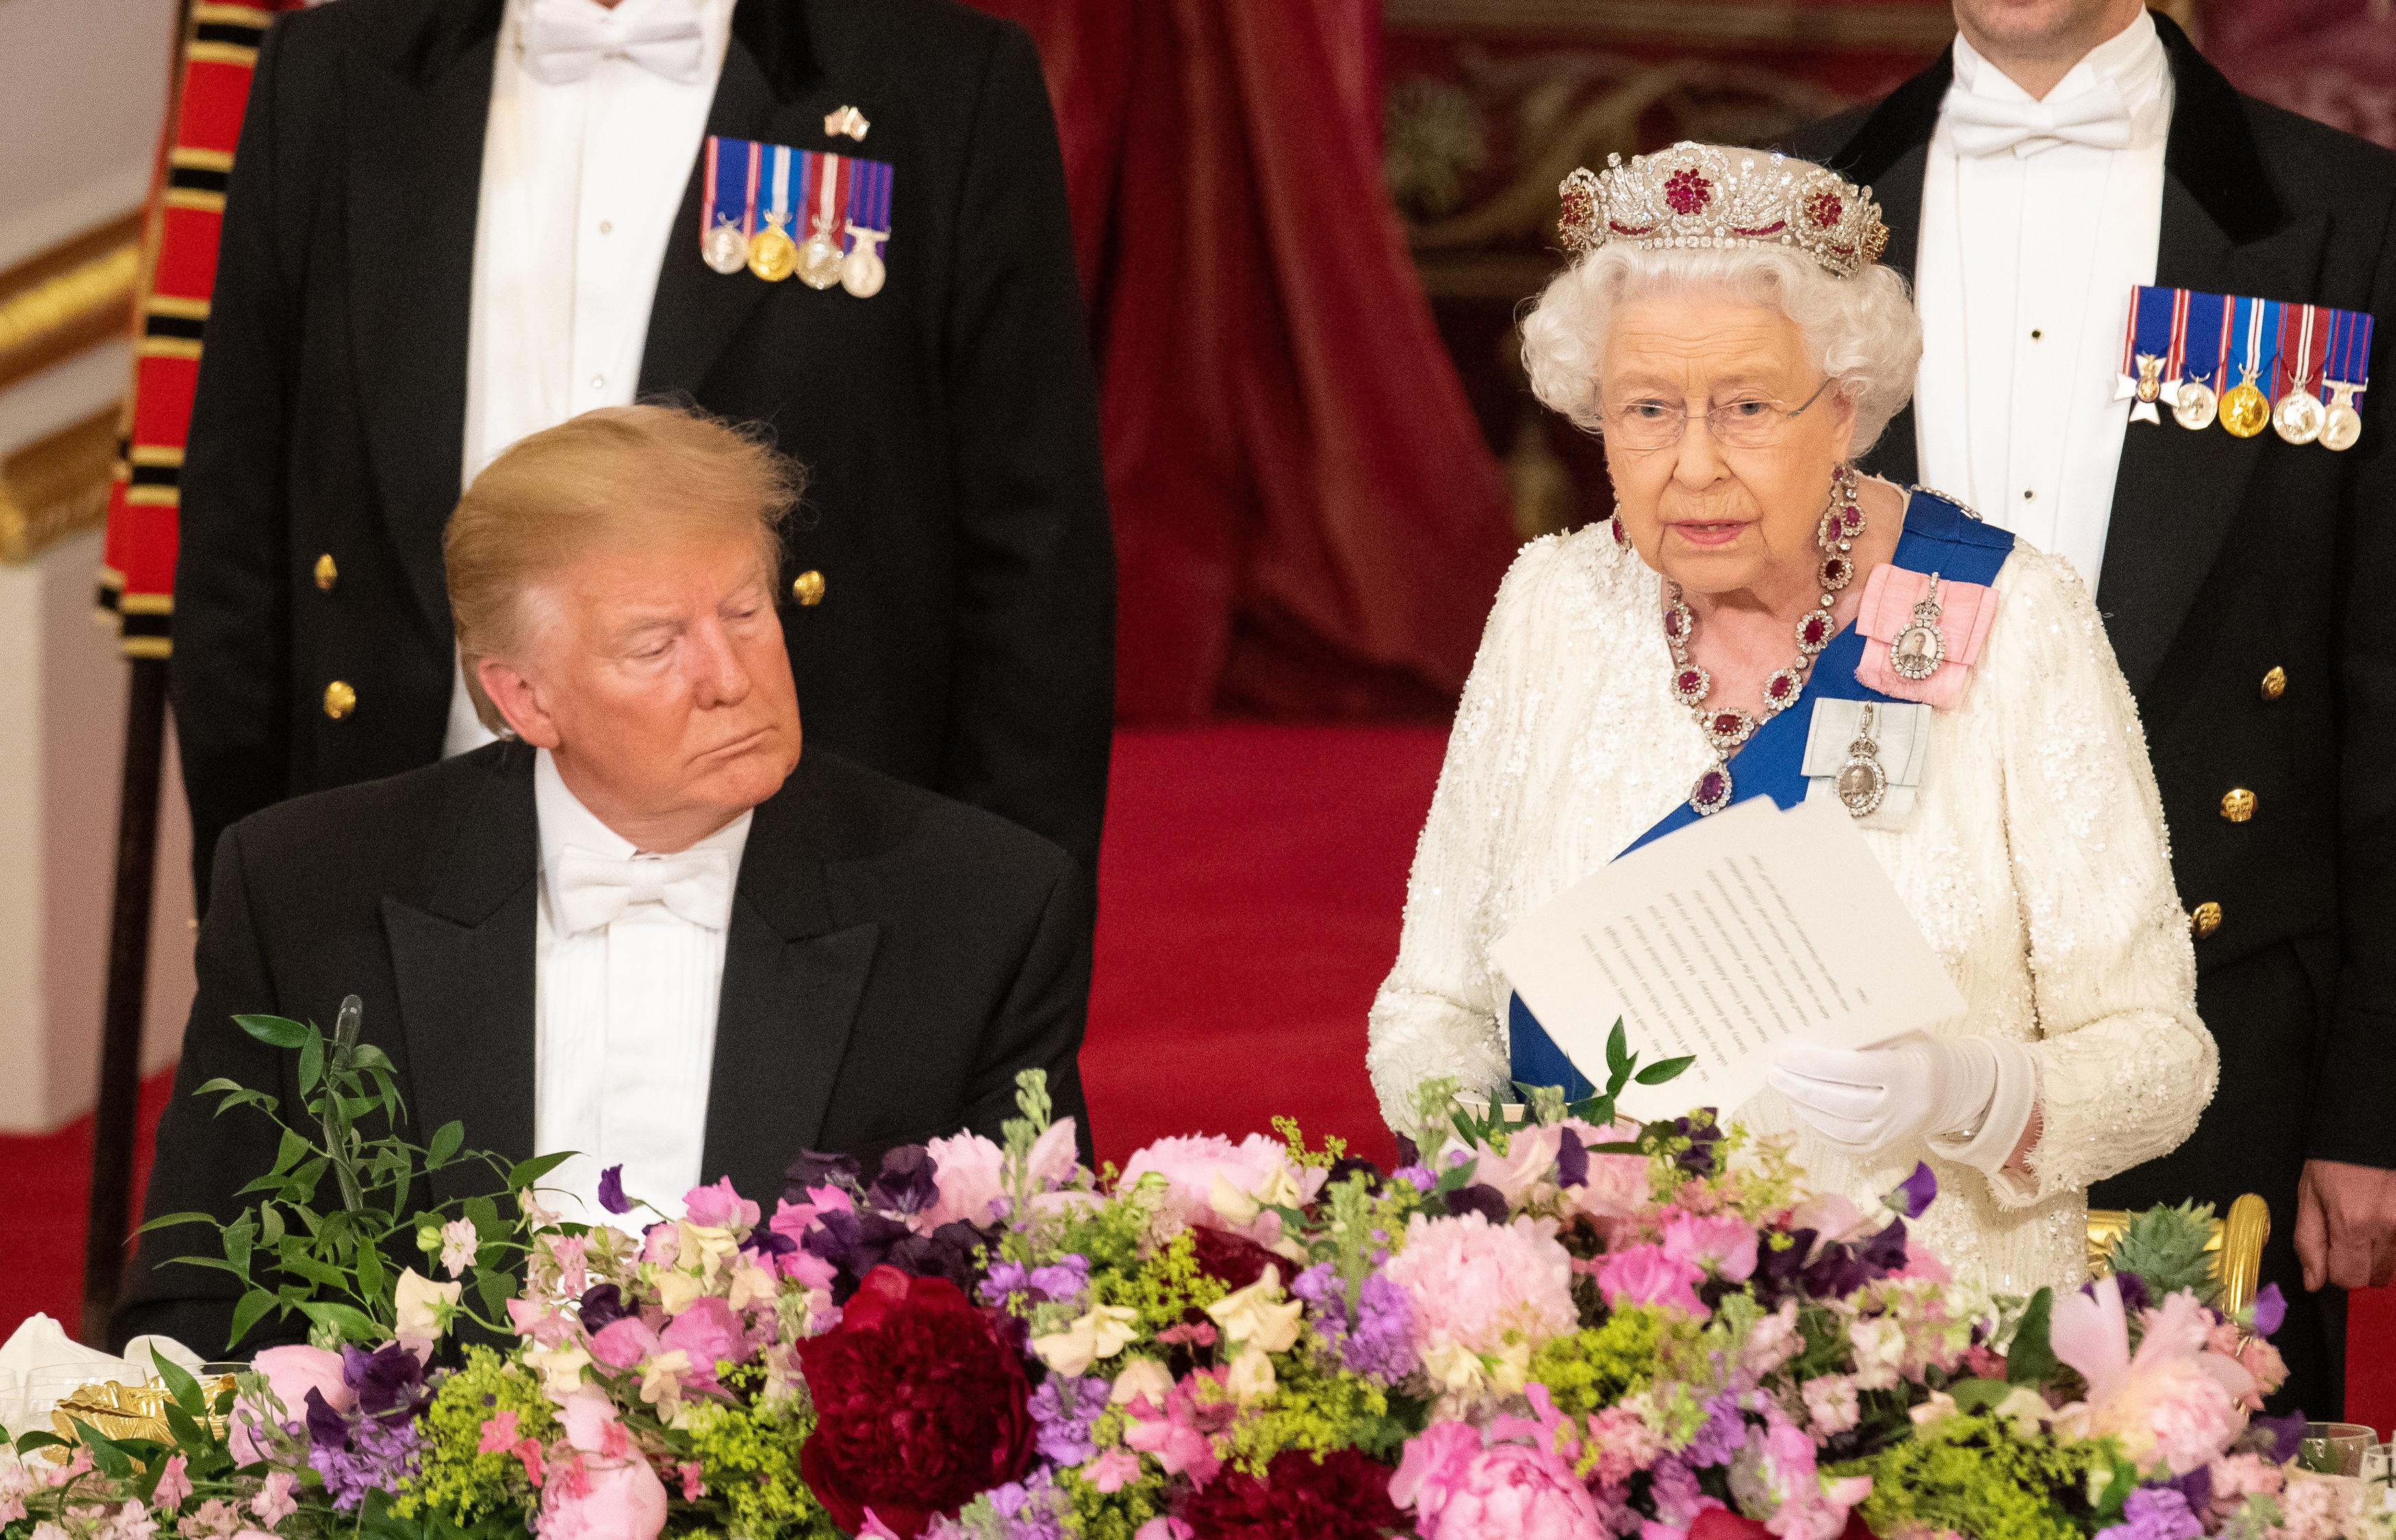 Erzsébet királynő azt a nemzetközi intézményrendszert magasztalta Trump oldalán, amelyet az szétverni próbál